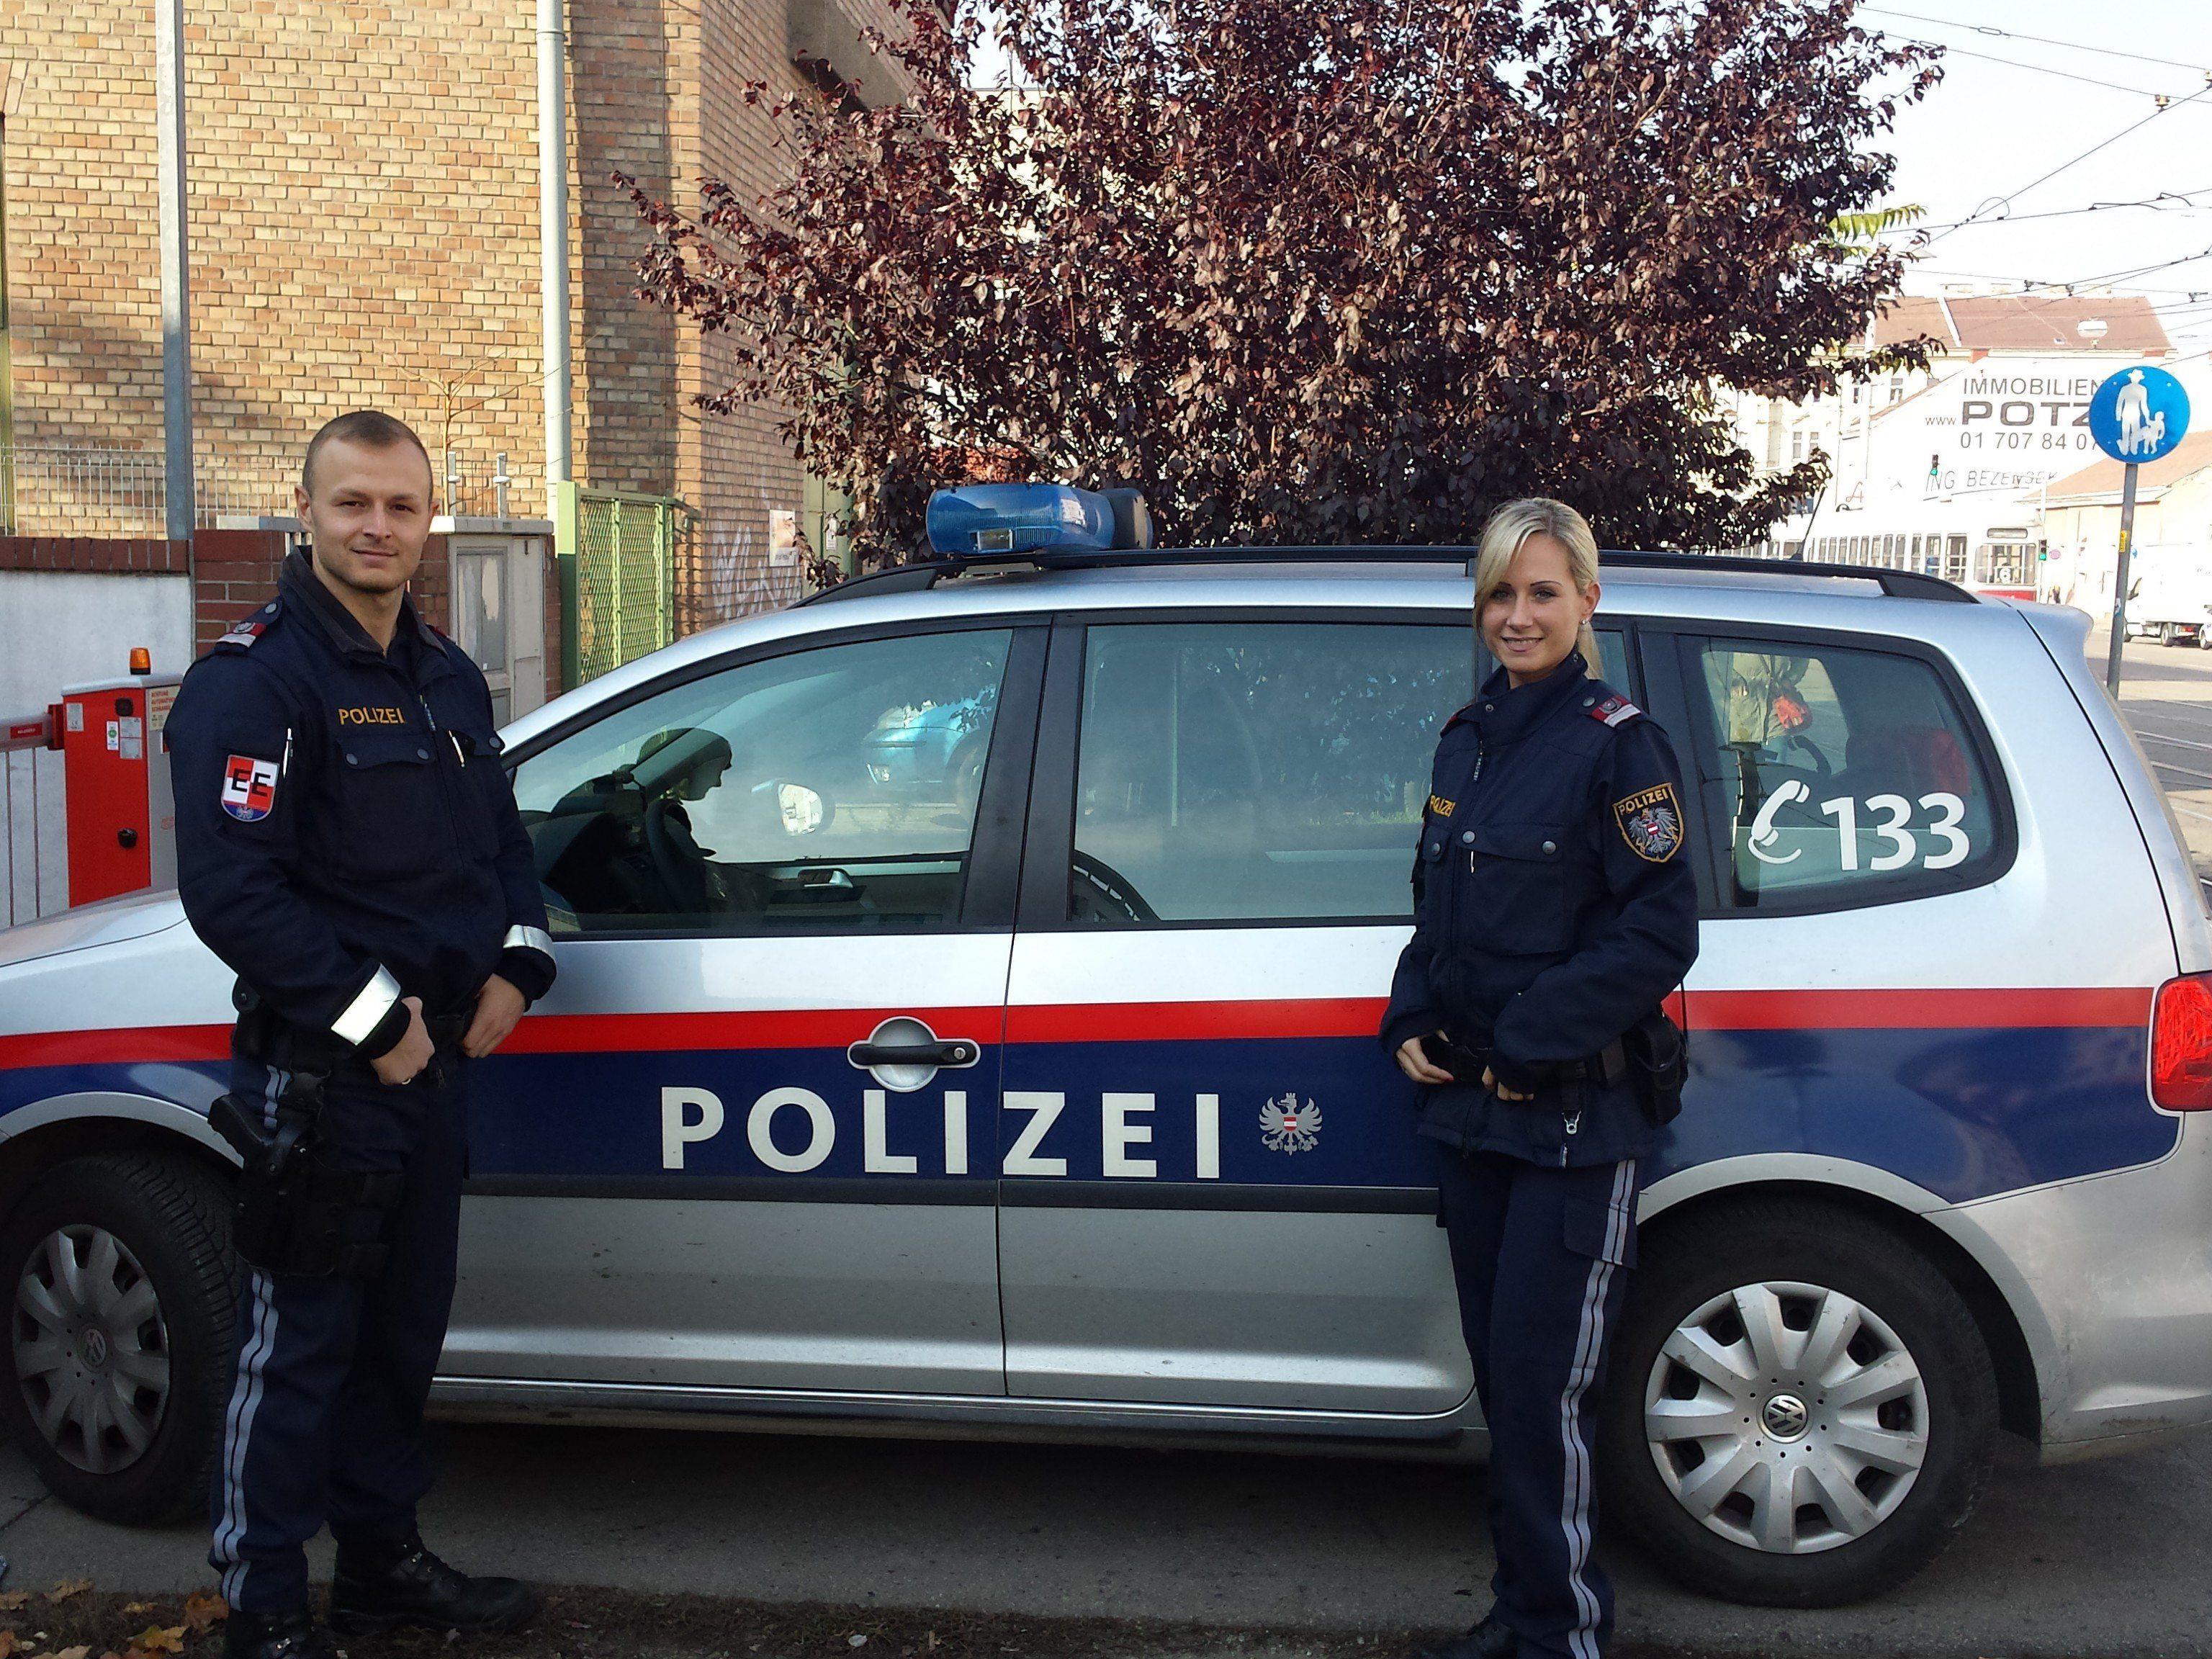 Die beiden Polizisten außer Dienst.